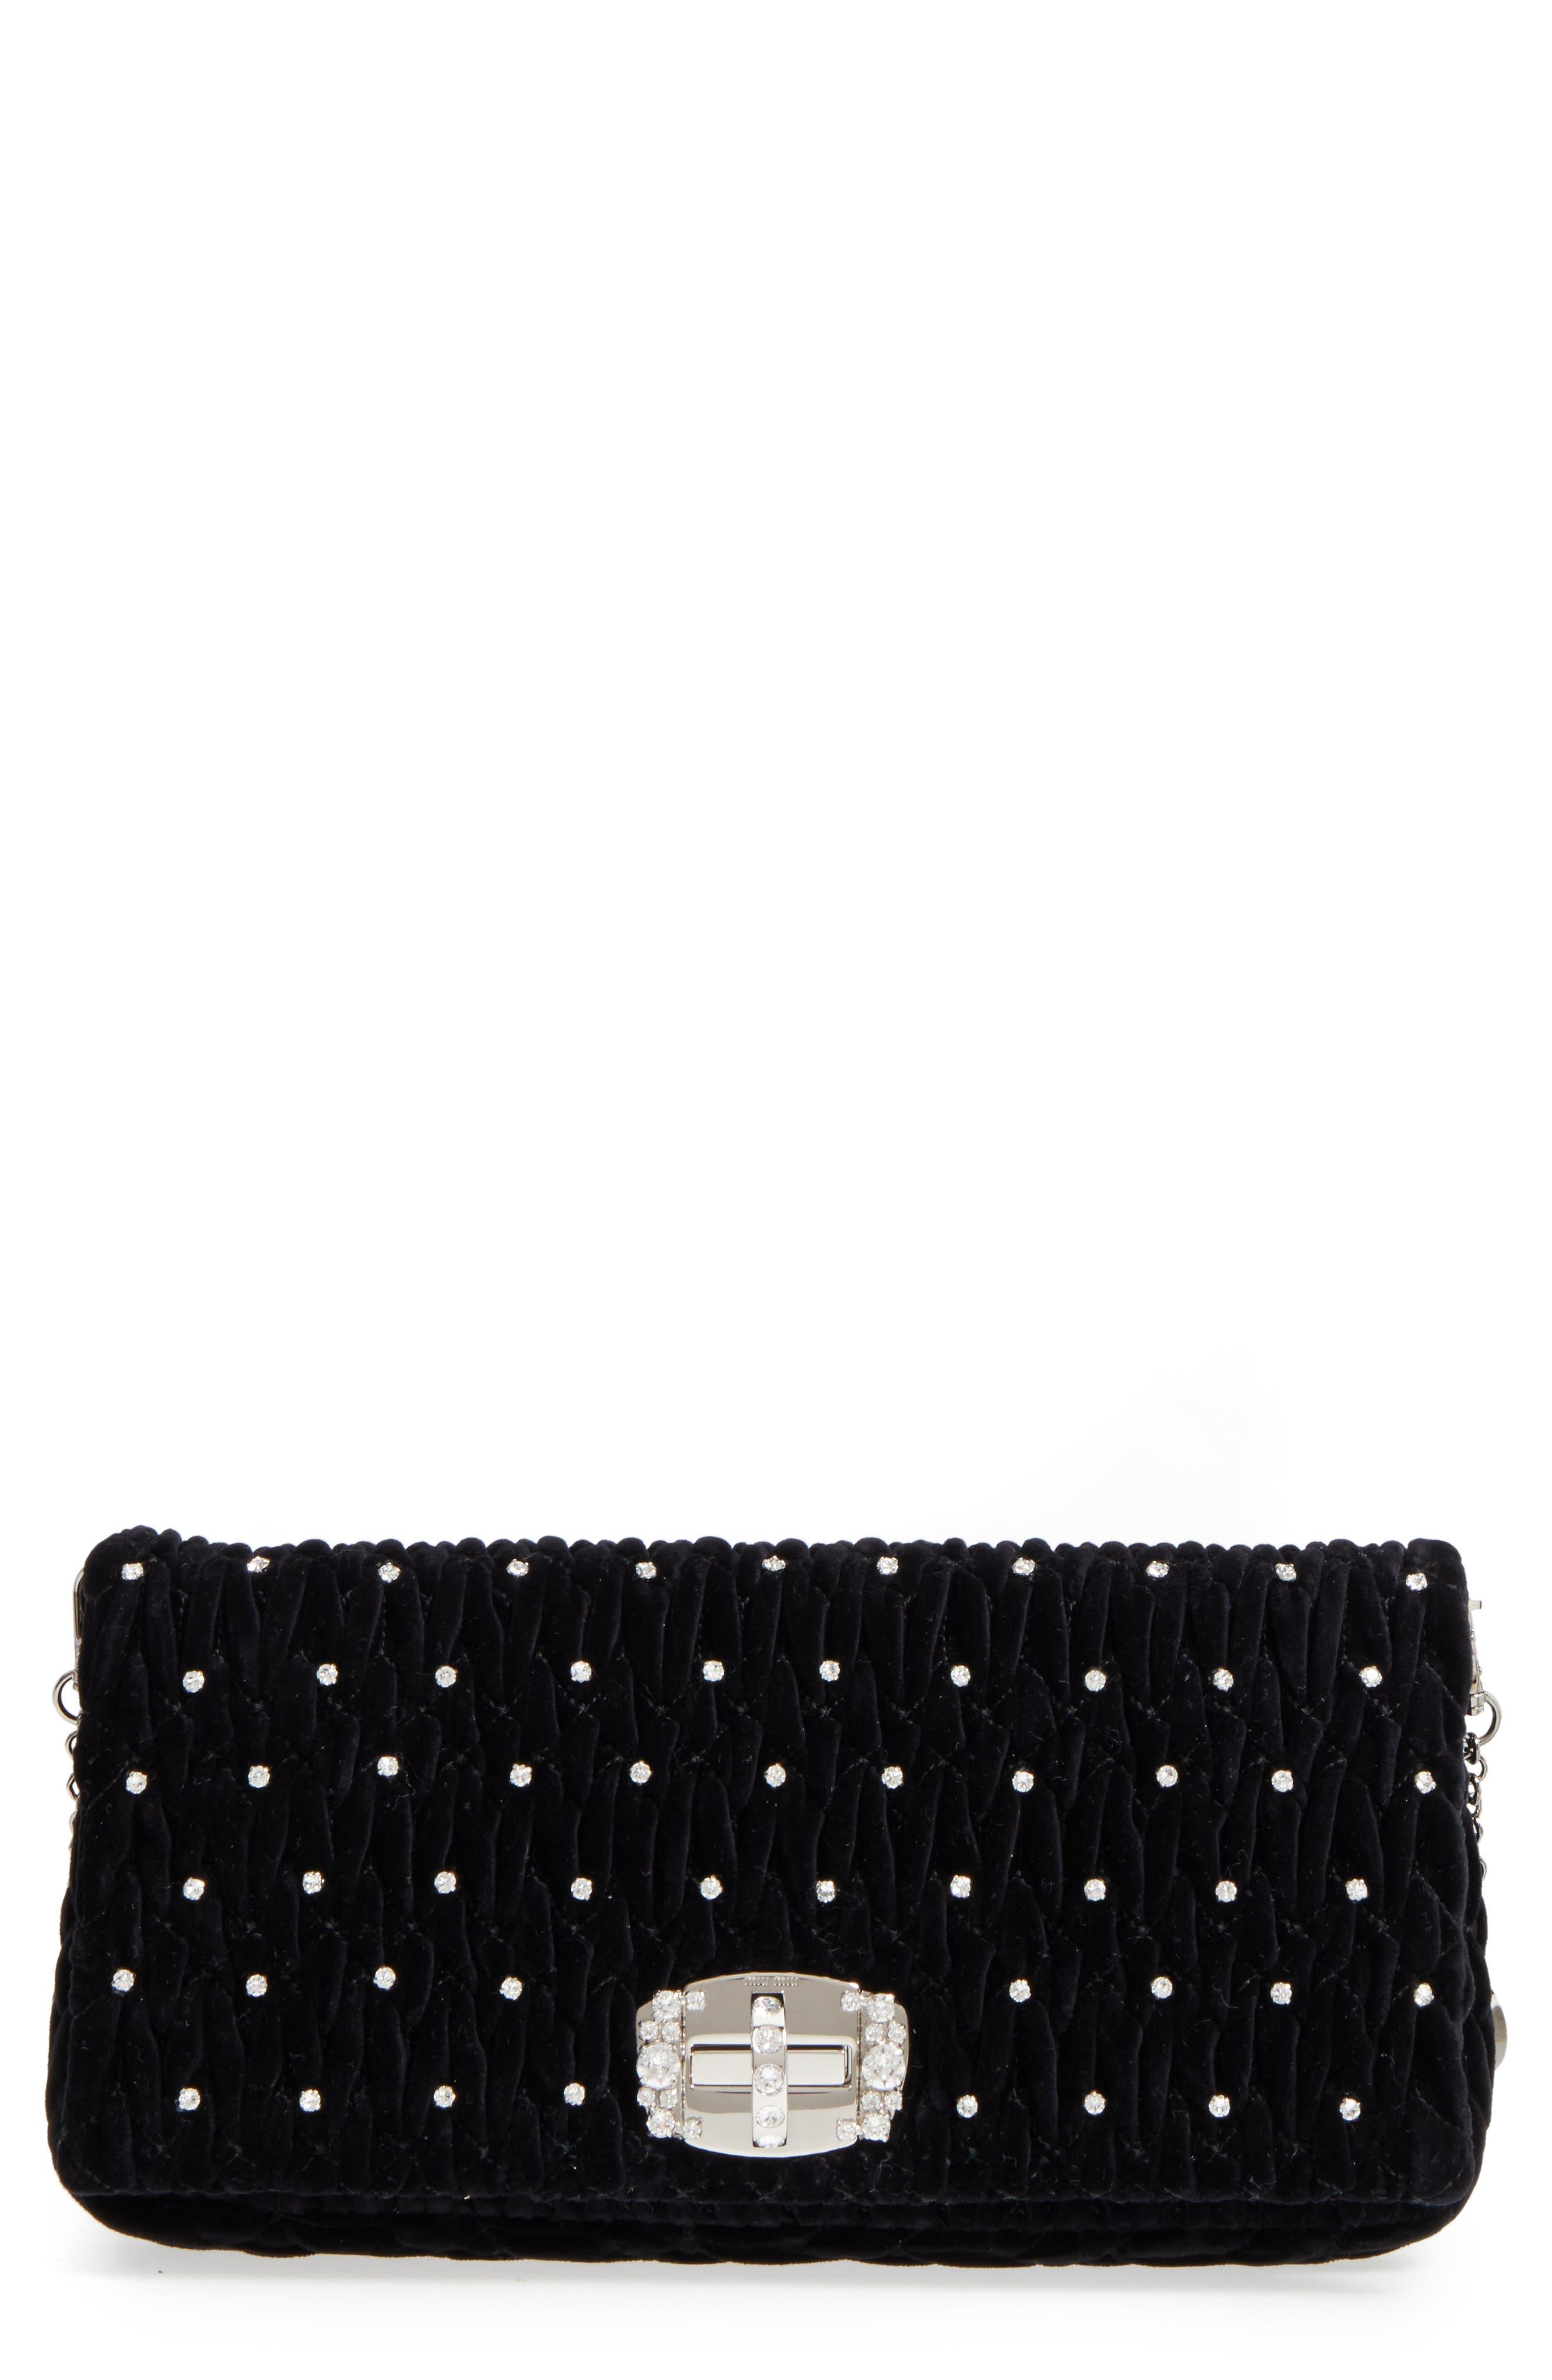 Alternate Image 1 Selected - Miu Miu Crystal Embellished Matelassé Velvet Shoulder Bag